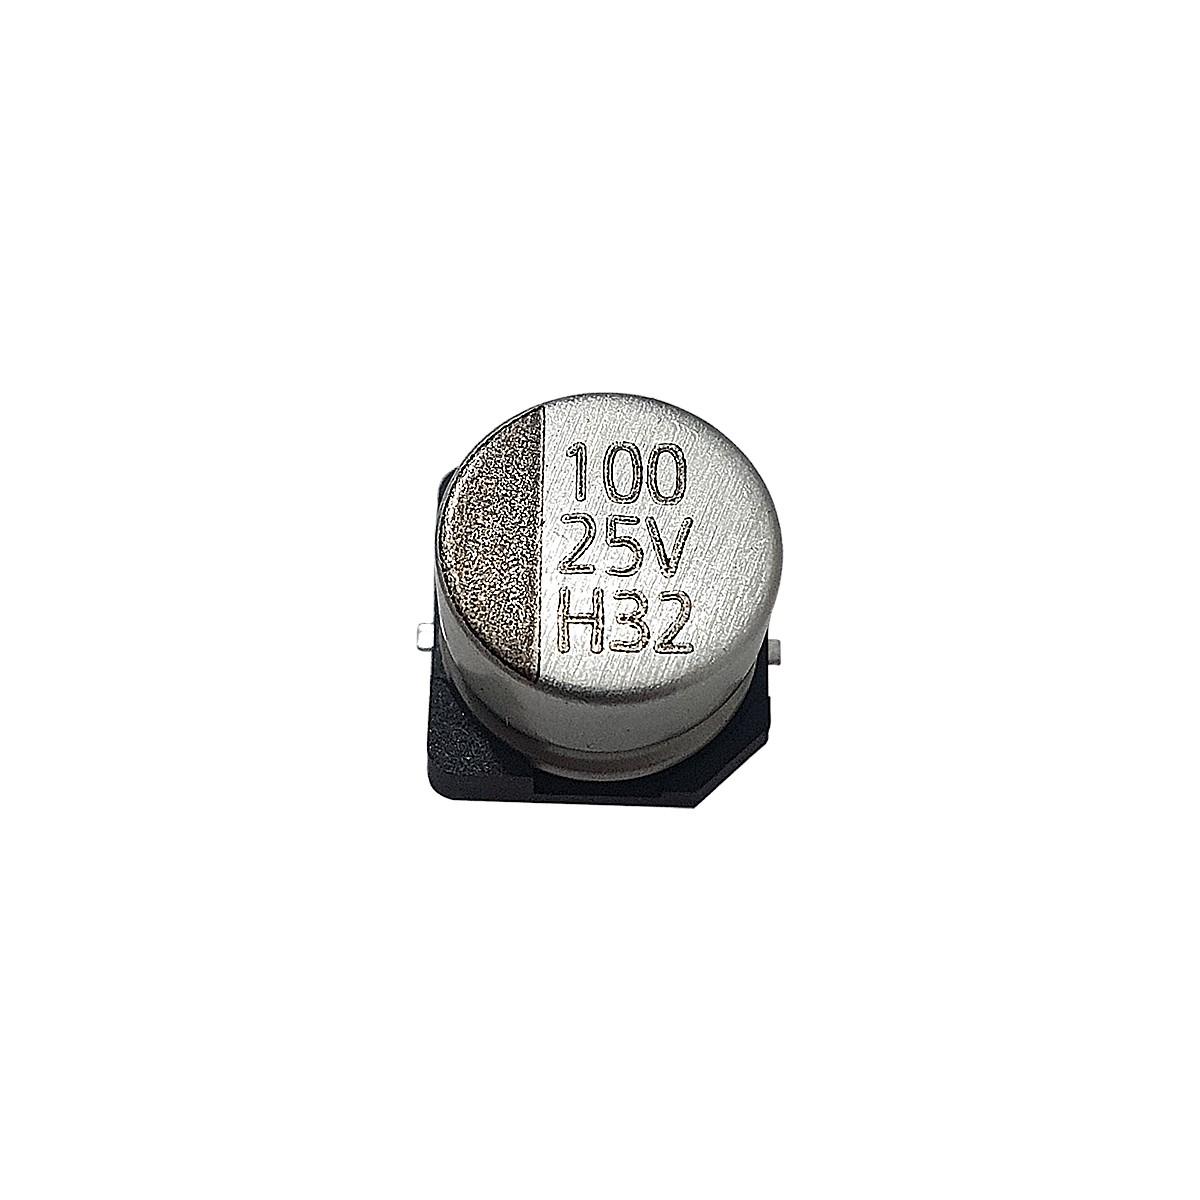 KIT 20 PEÇAS - CAPACITOR ELETROLÍTICO SMD 100uF 25V